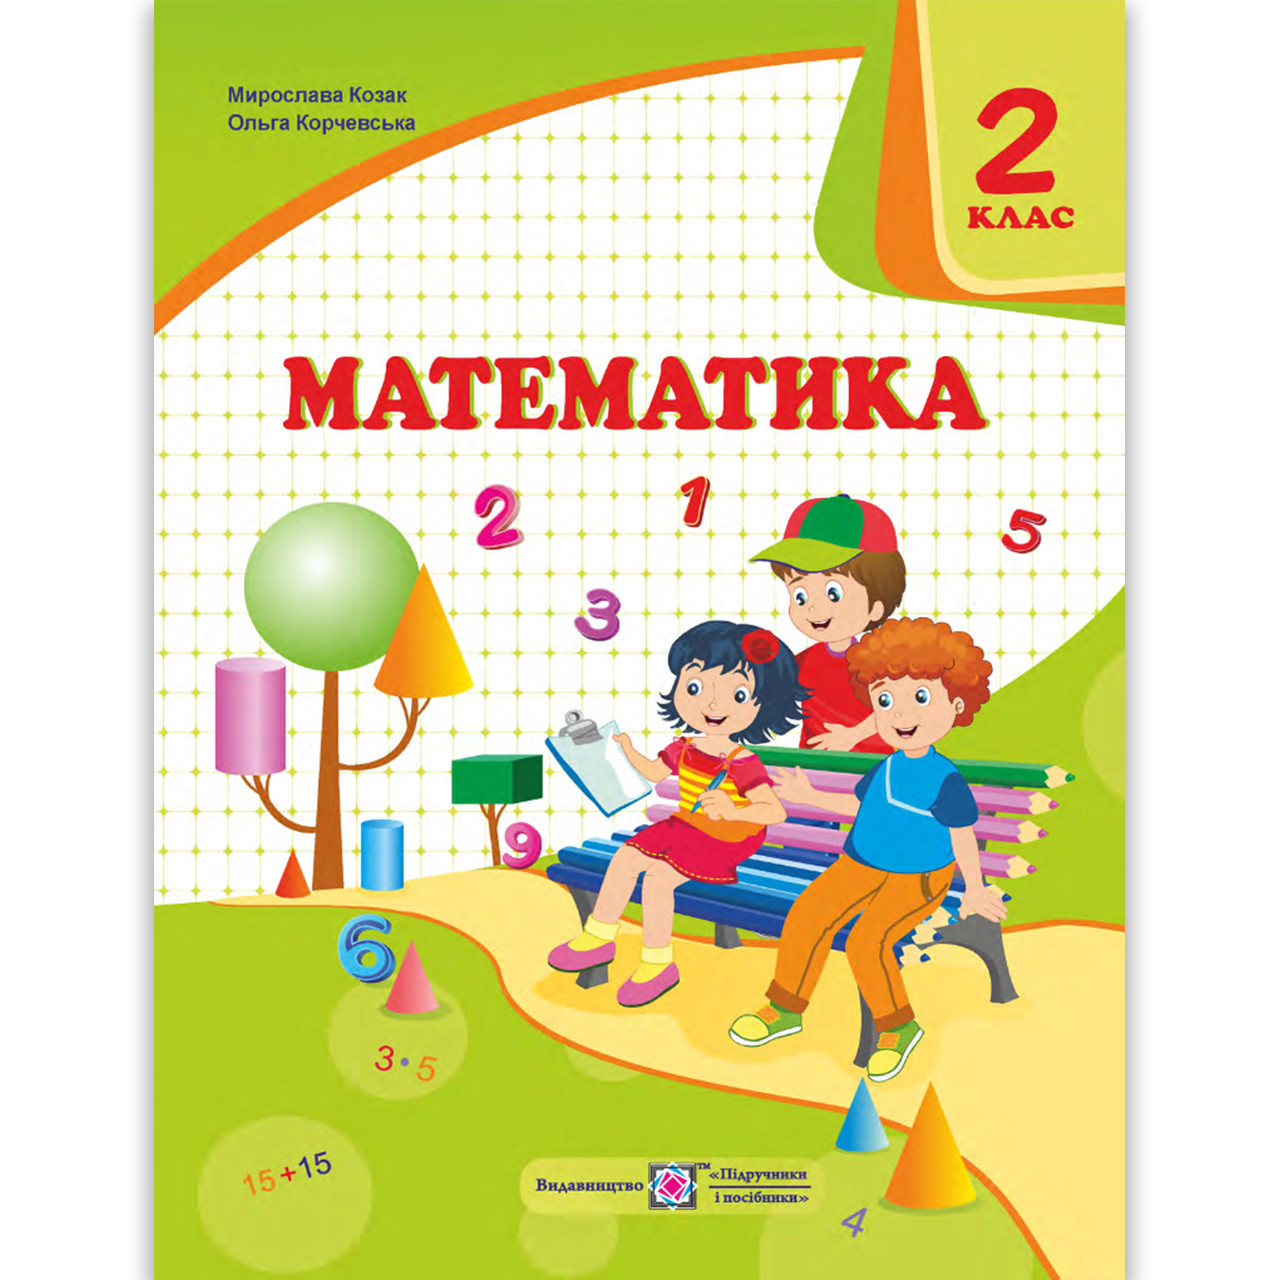 Підручник Математика 2 клас Авт: Козак М. Корчевська О. Вид: Підручники і Посібники